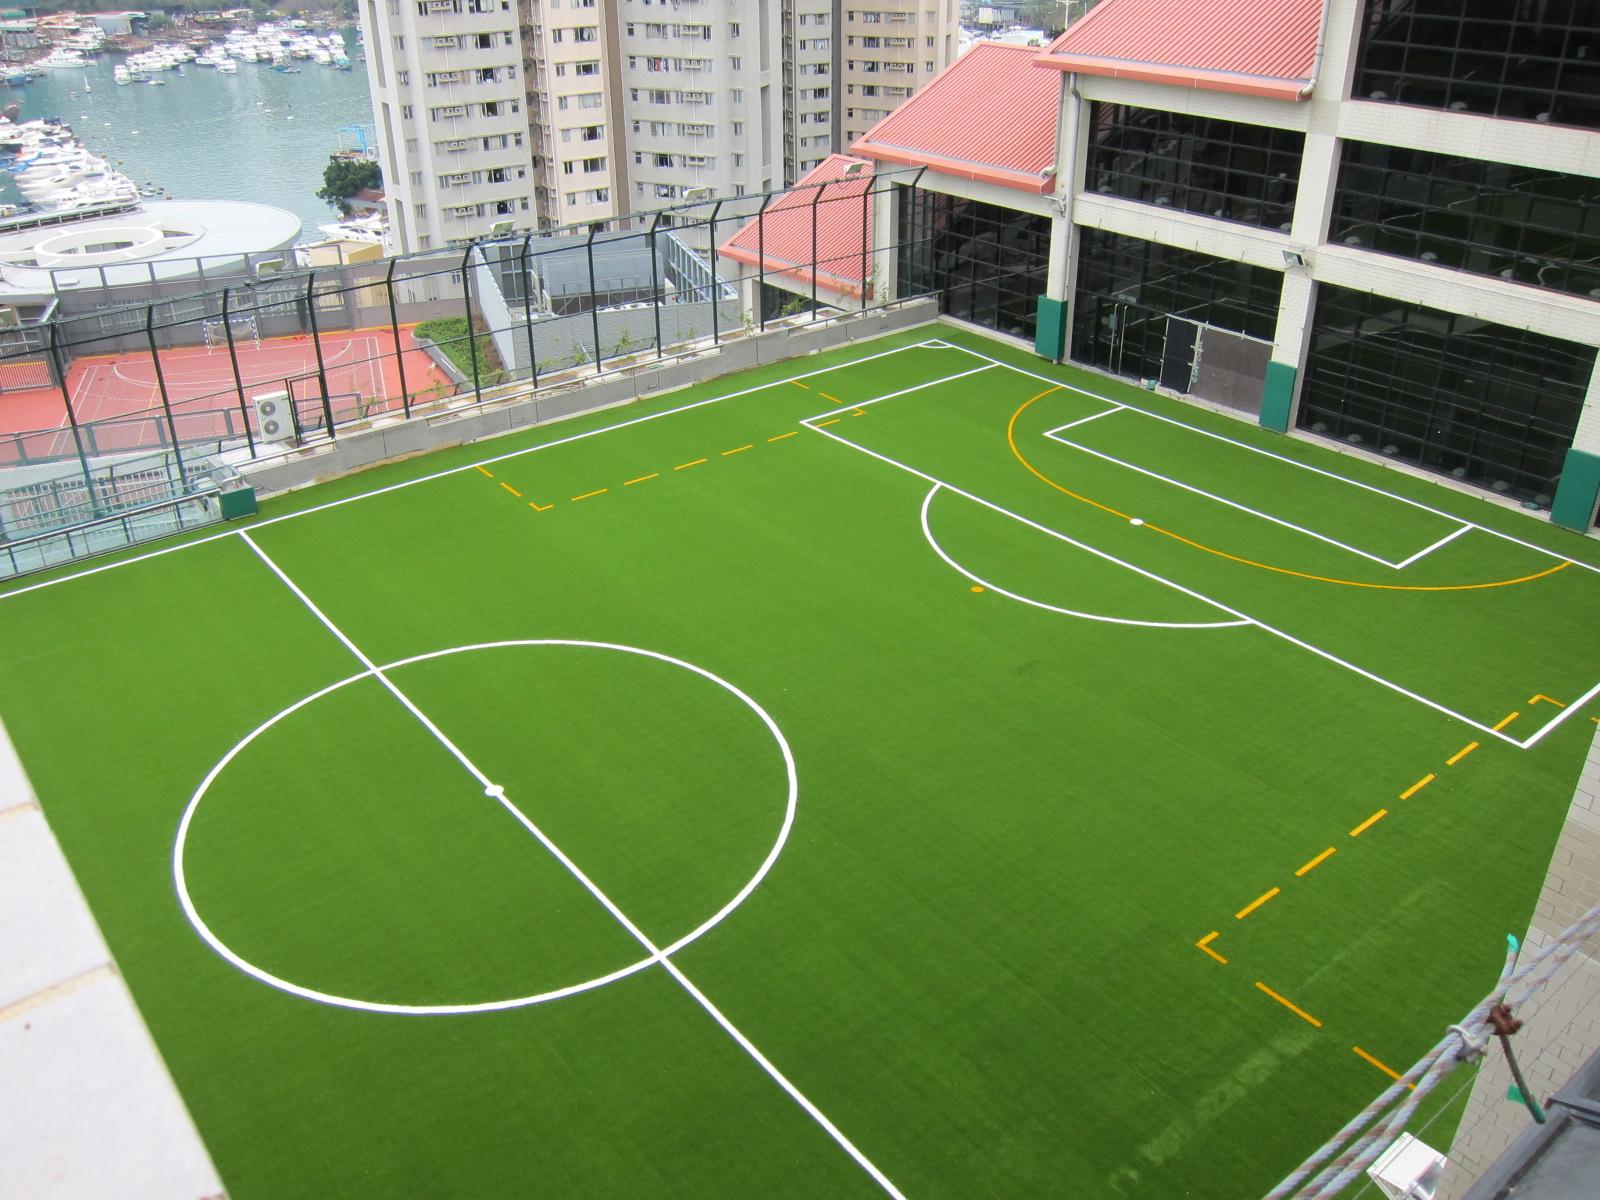 (10) Peak School HongKong (MultiPurpose)